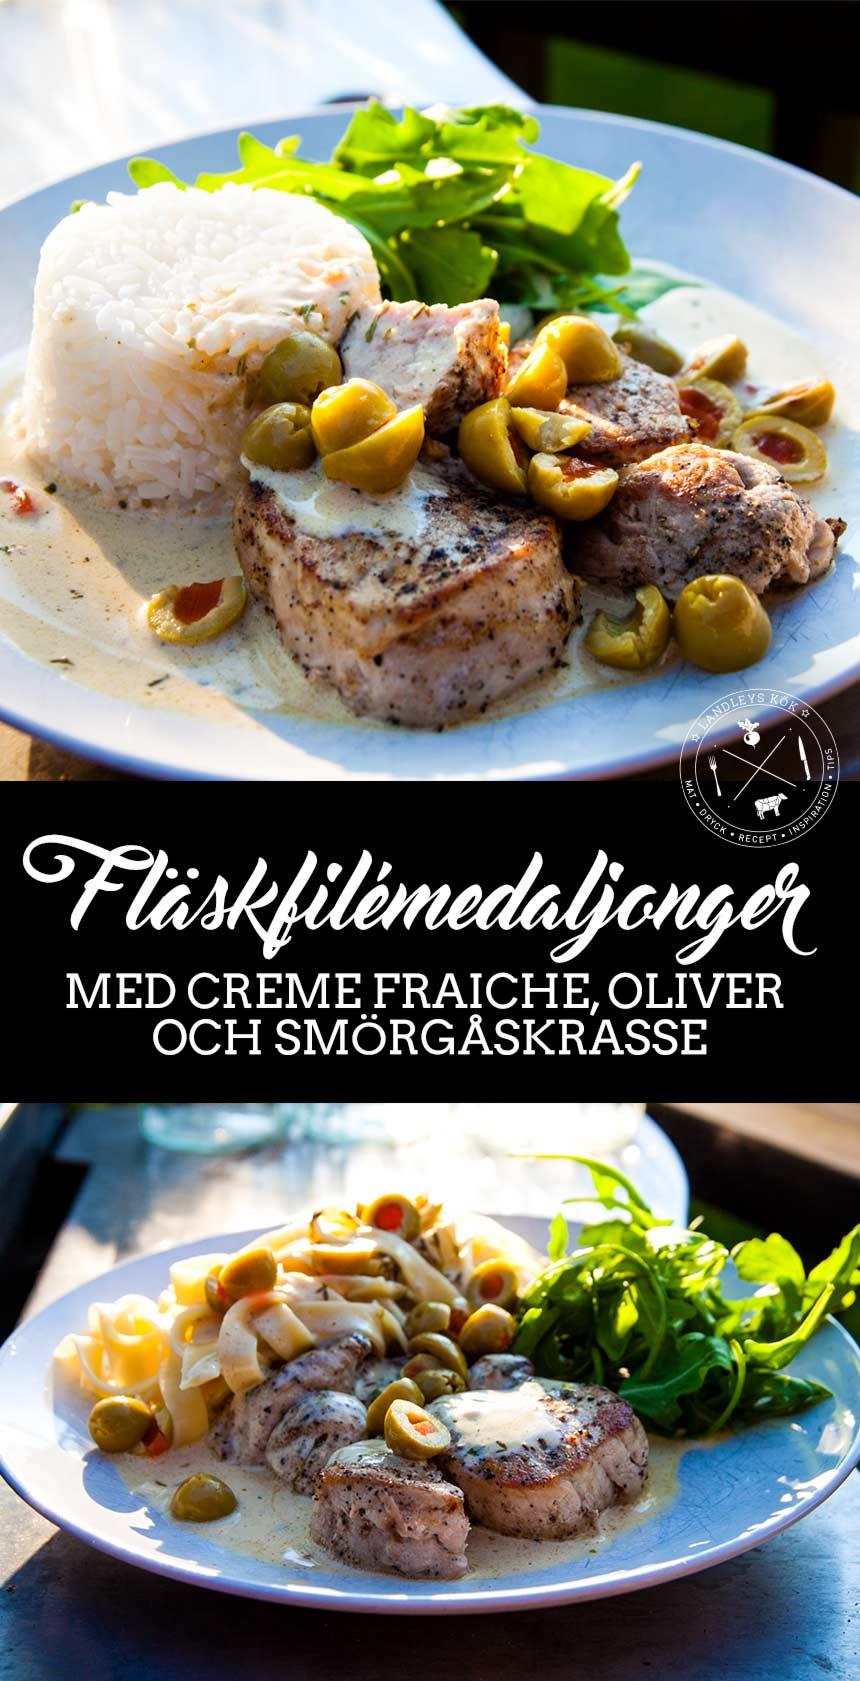 Fläskfilémedaljonger med creme fraiche, oliver och smörgåskrasse